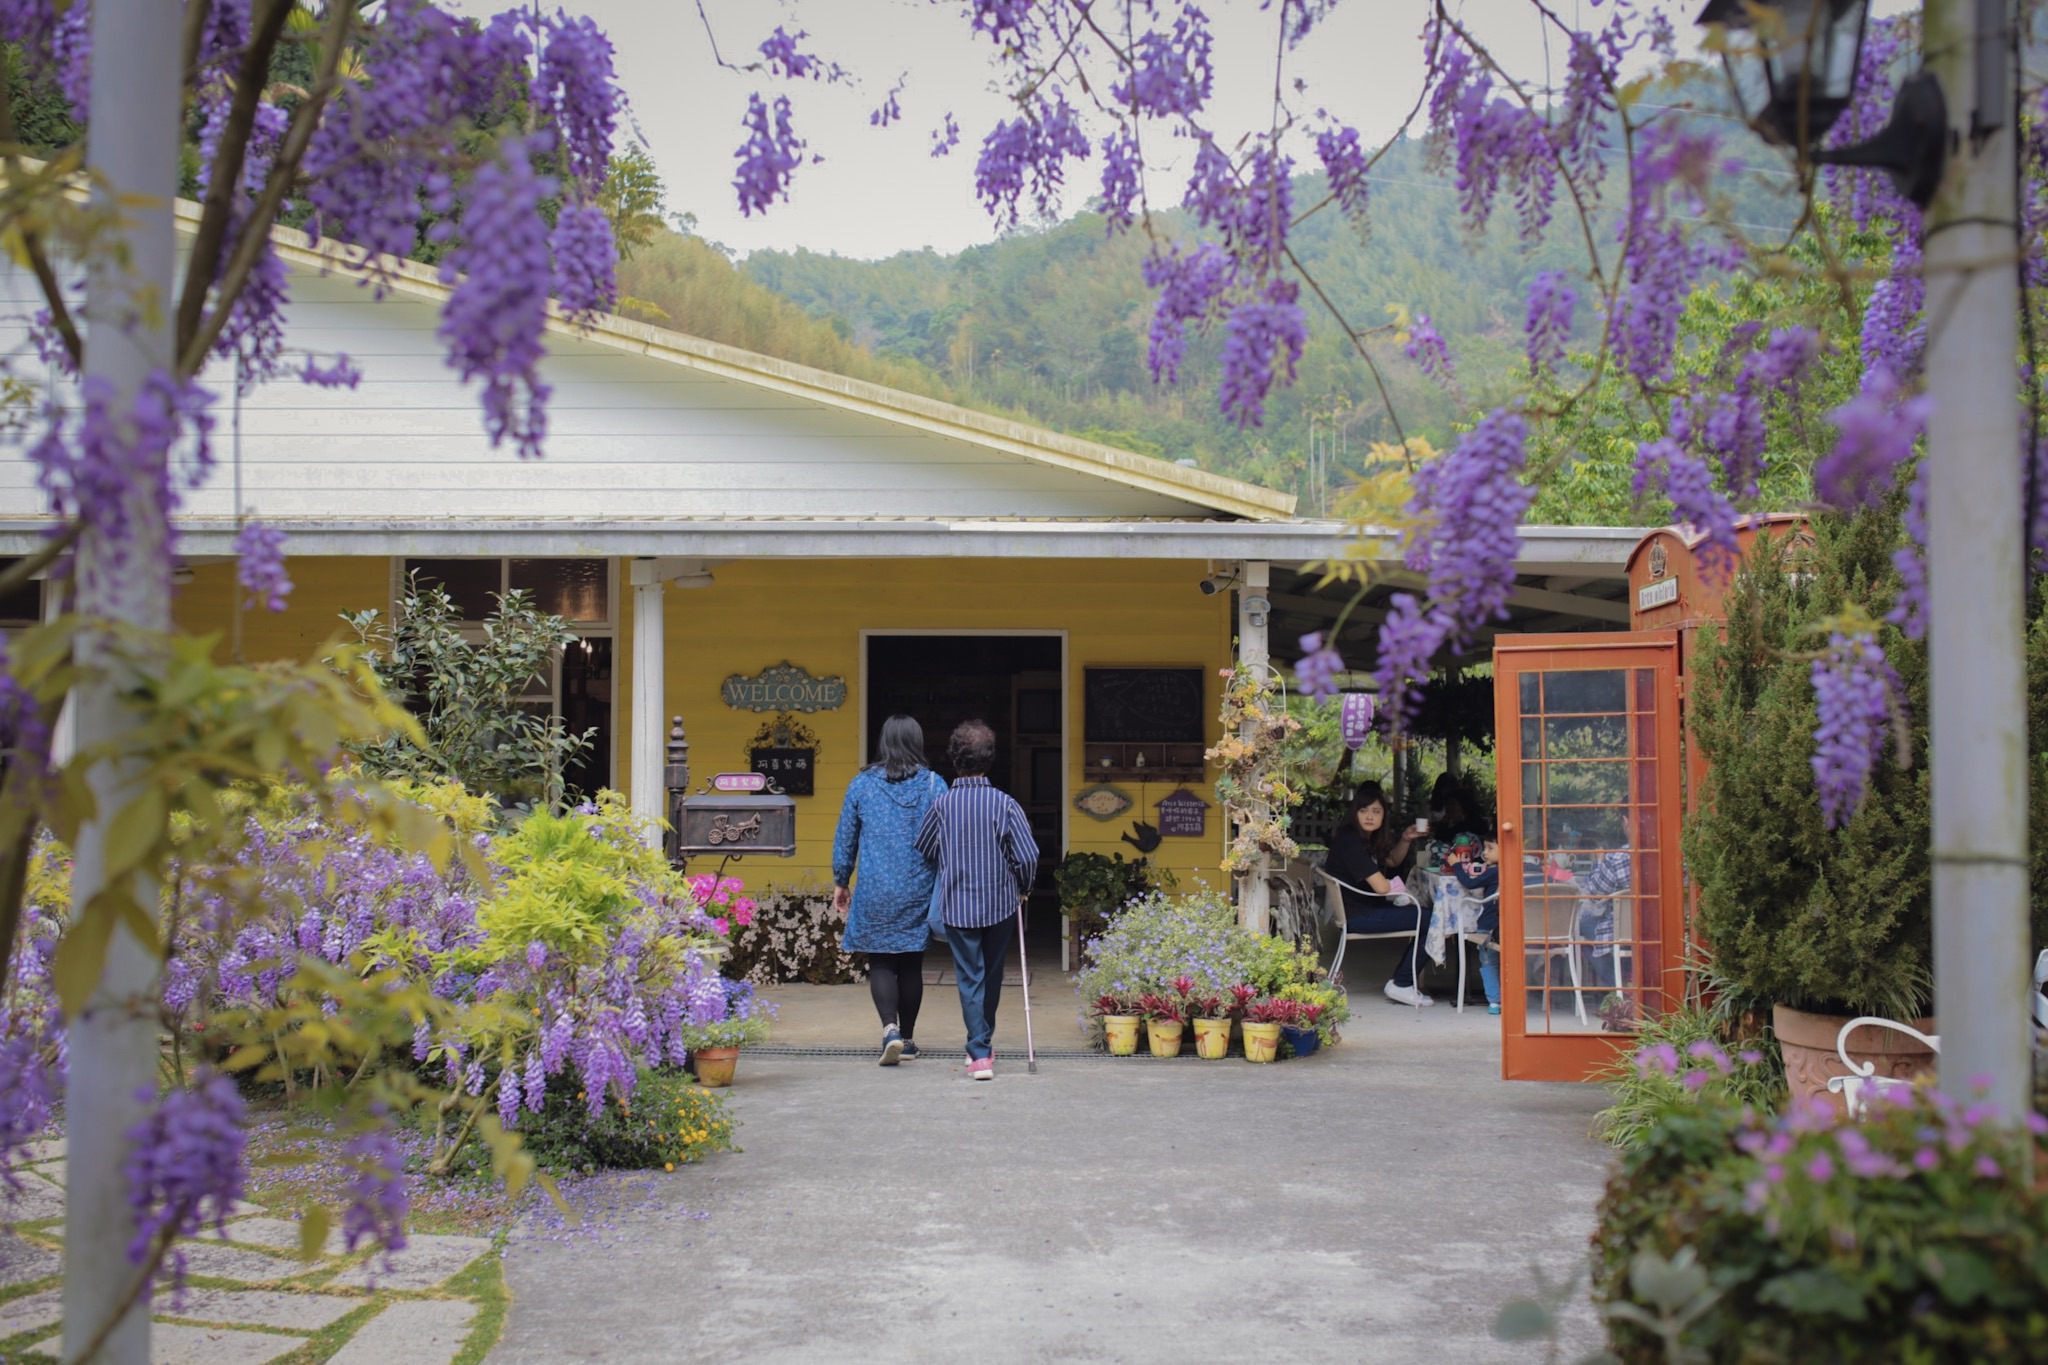 阿喜紫藤-嘉義瑞里景點-2021紫藤花季-嘉義景點-阿喜紫藤下午茶